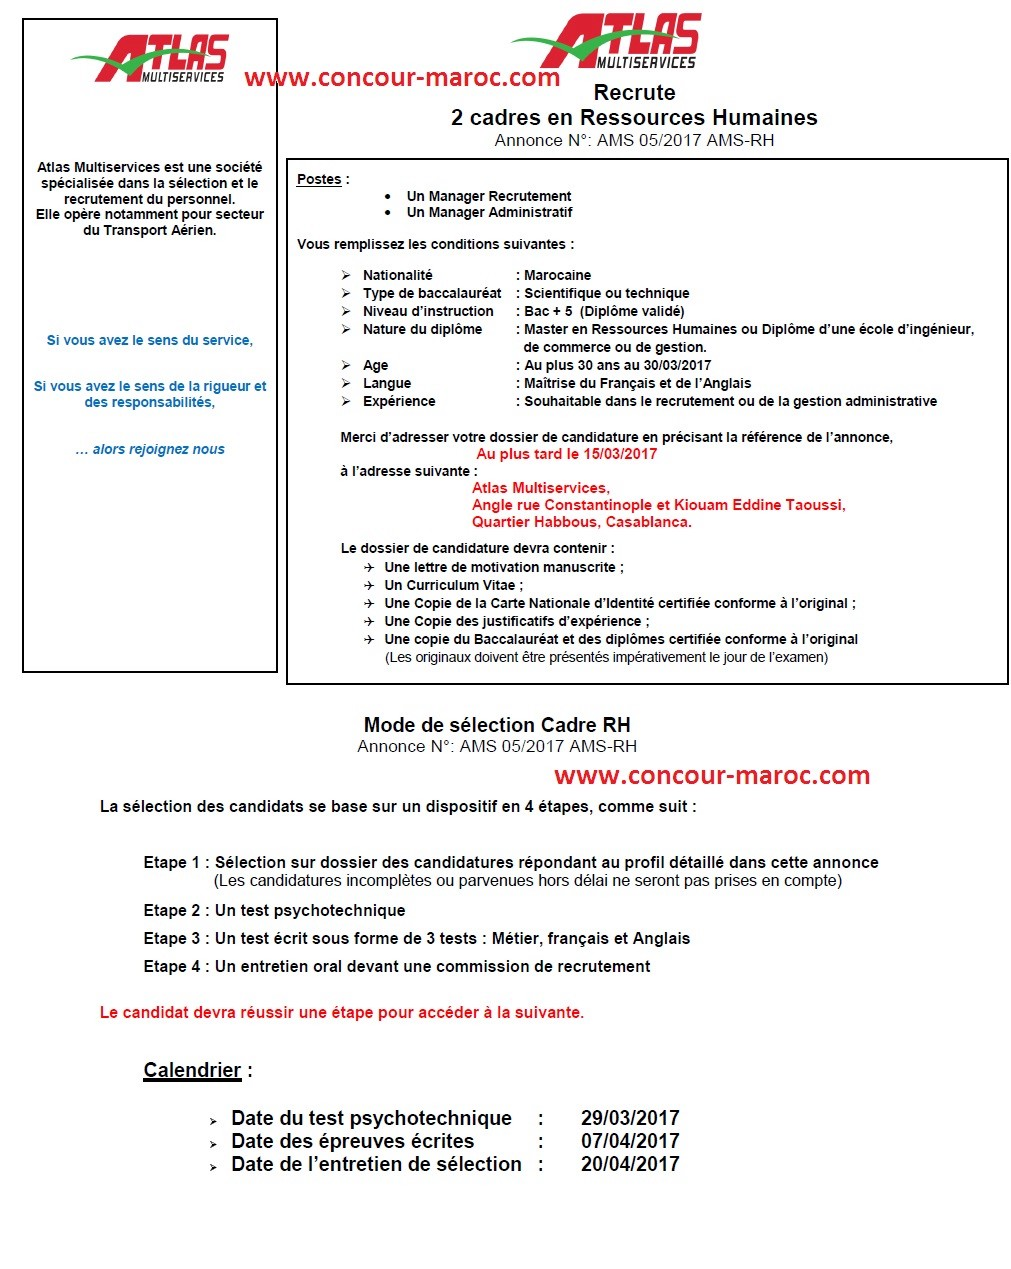 أطلس مولتي سيرفيس : مباراة لتوظيف (بموجب عقد) اطار موارد بشرية (2 منصبان) آخر أجل لإيداع الترشيحات 17 مارس 2017 Concou34